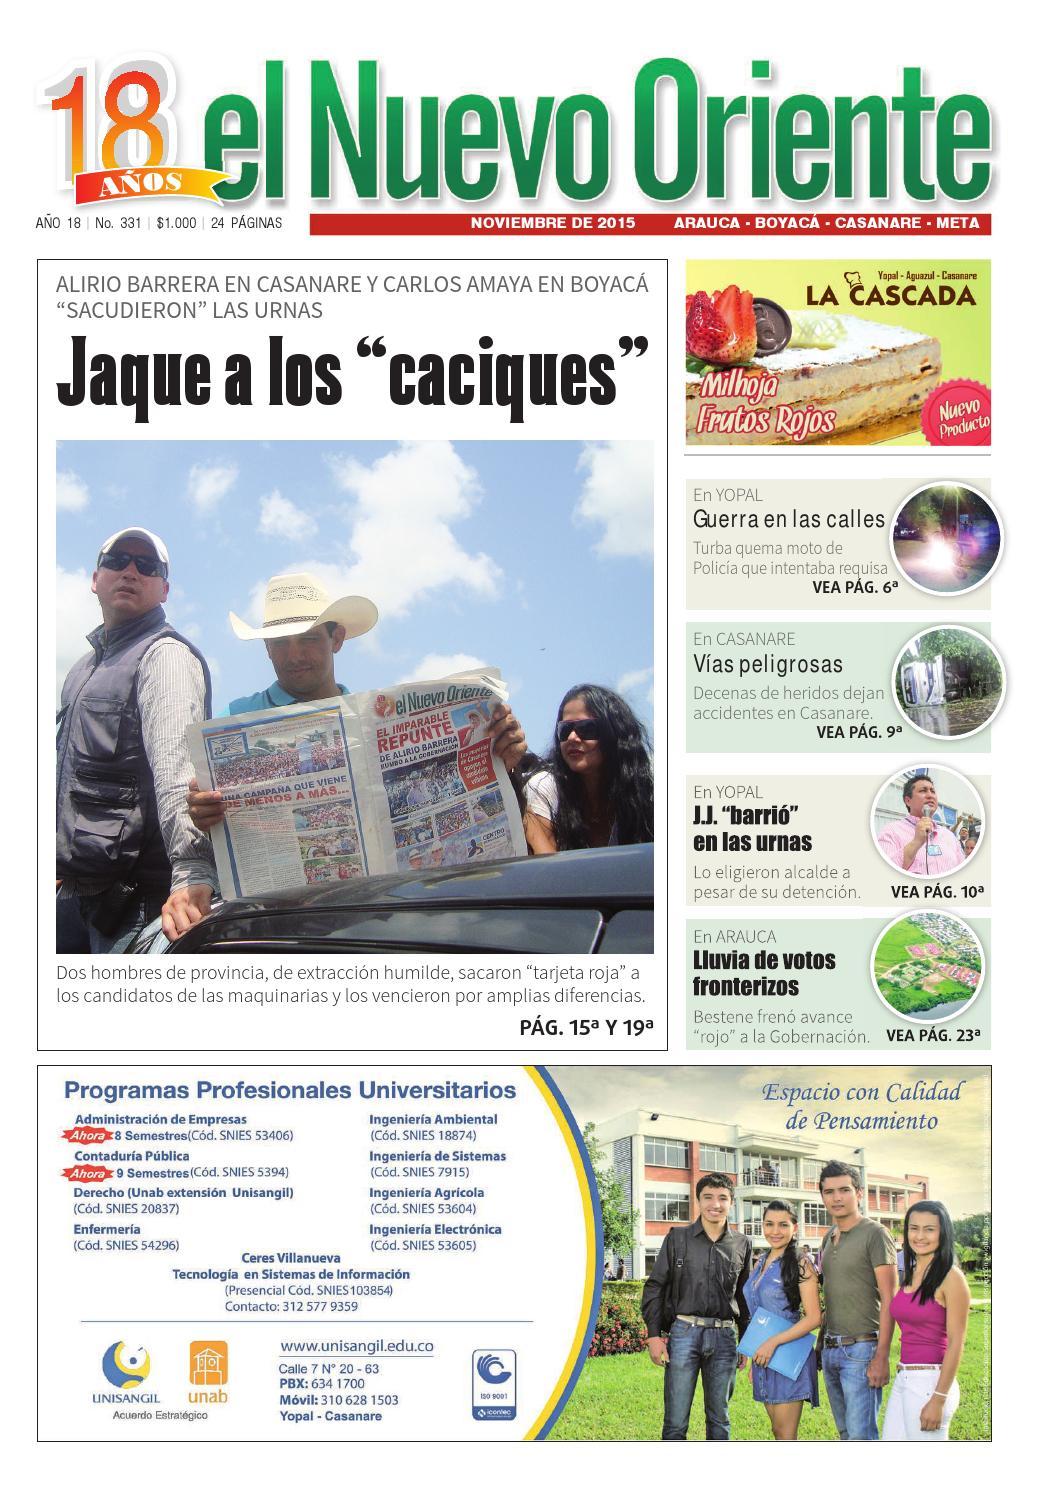 El Nuevo Oriente edición 331 (2) by Periódico El Nuevo